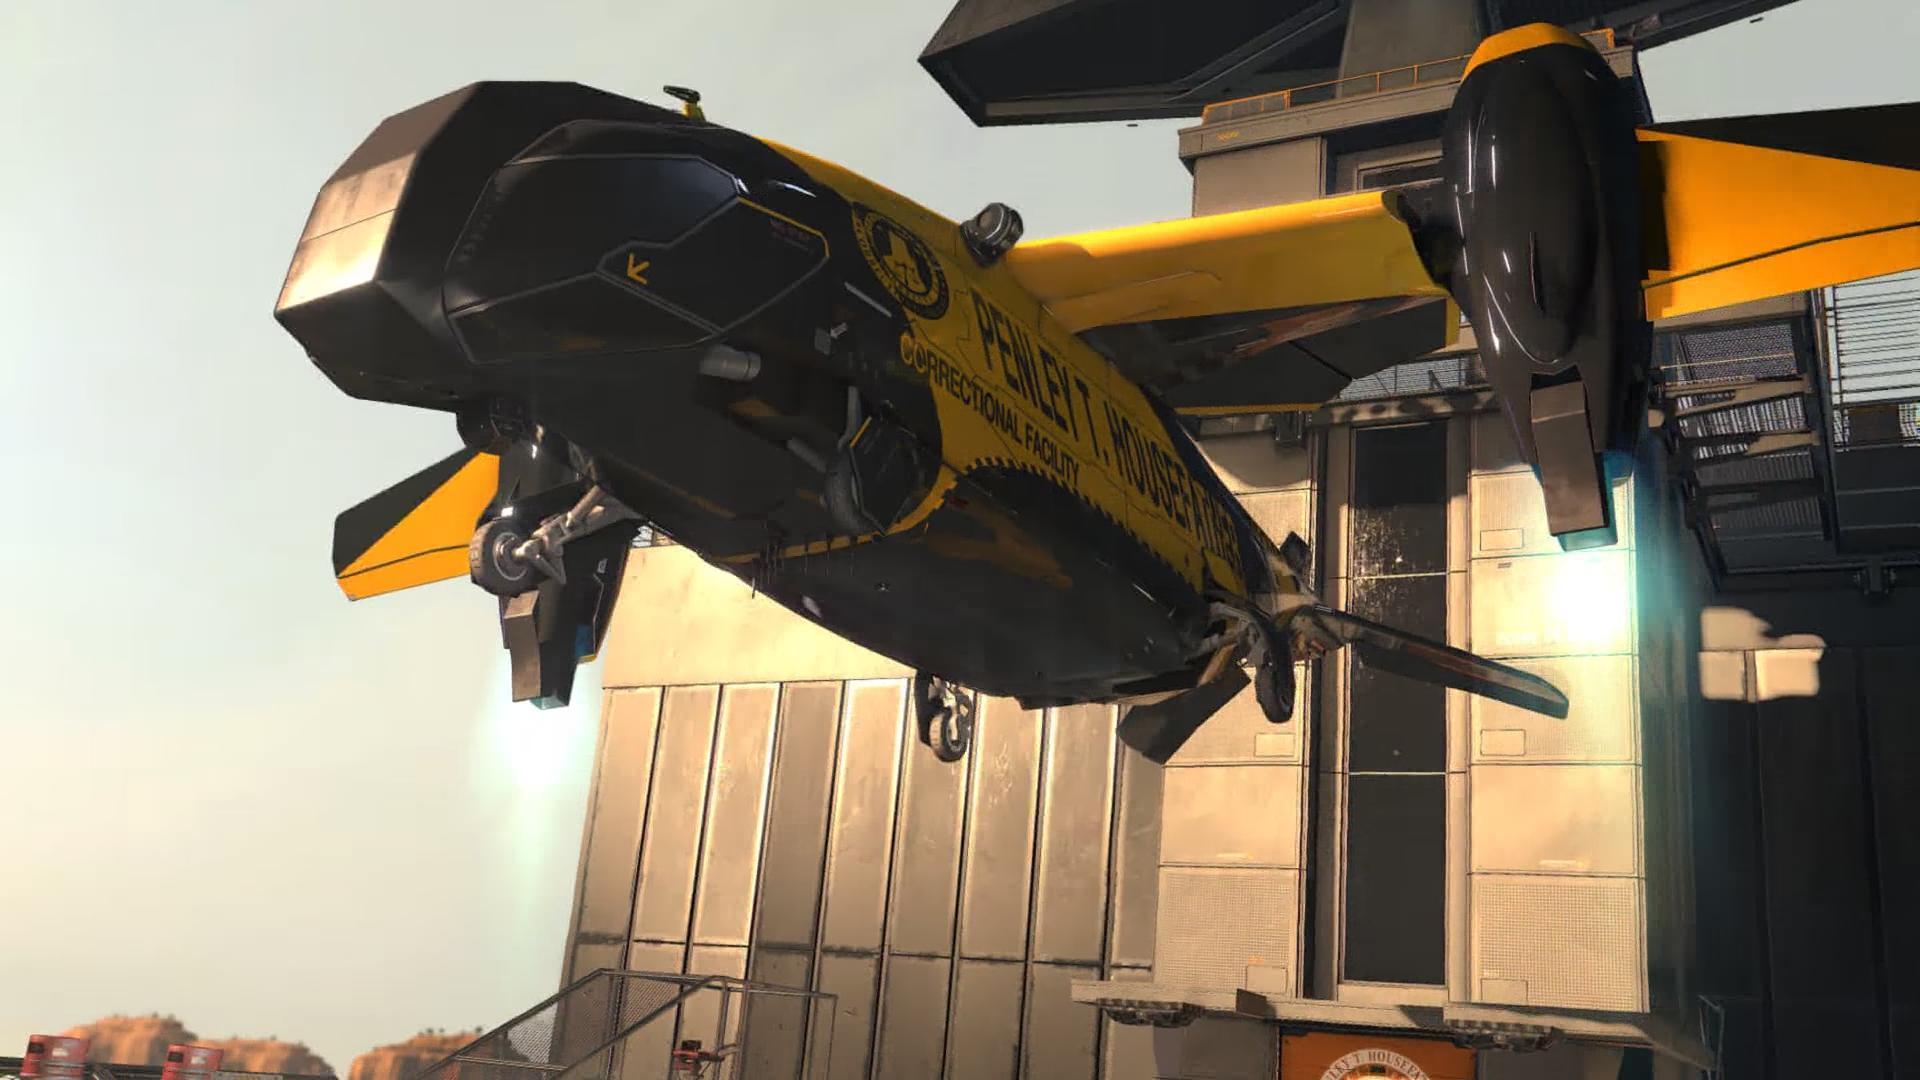 000328.Jpg - Deus Ex: Mankind Divided